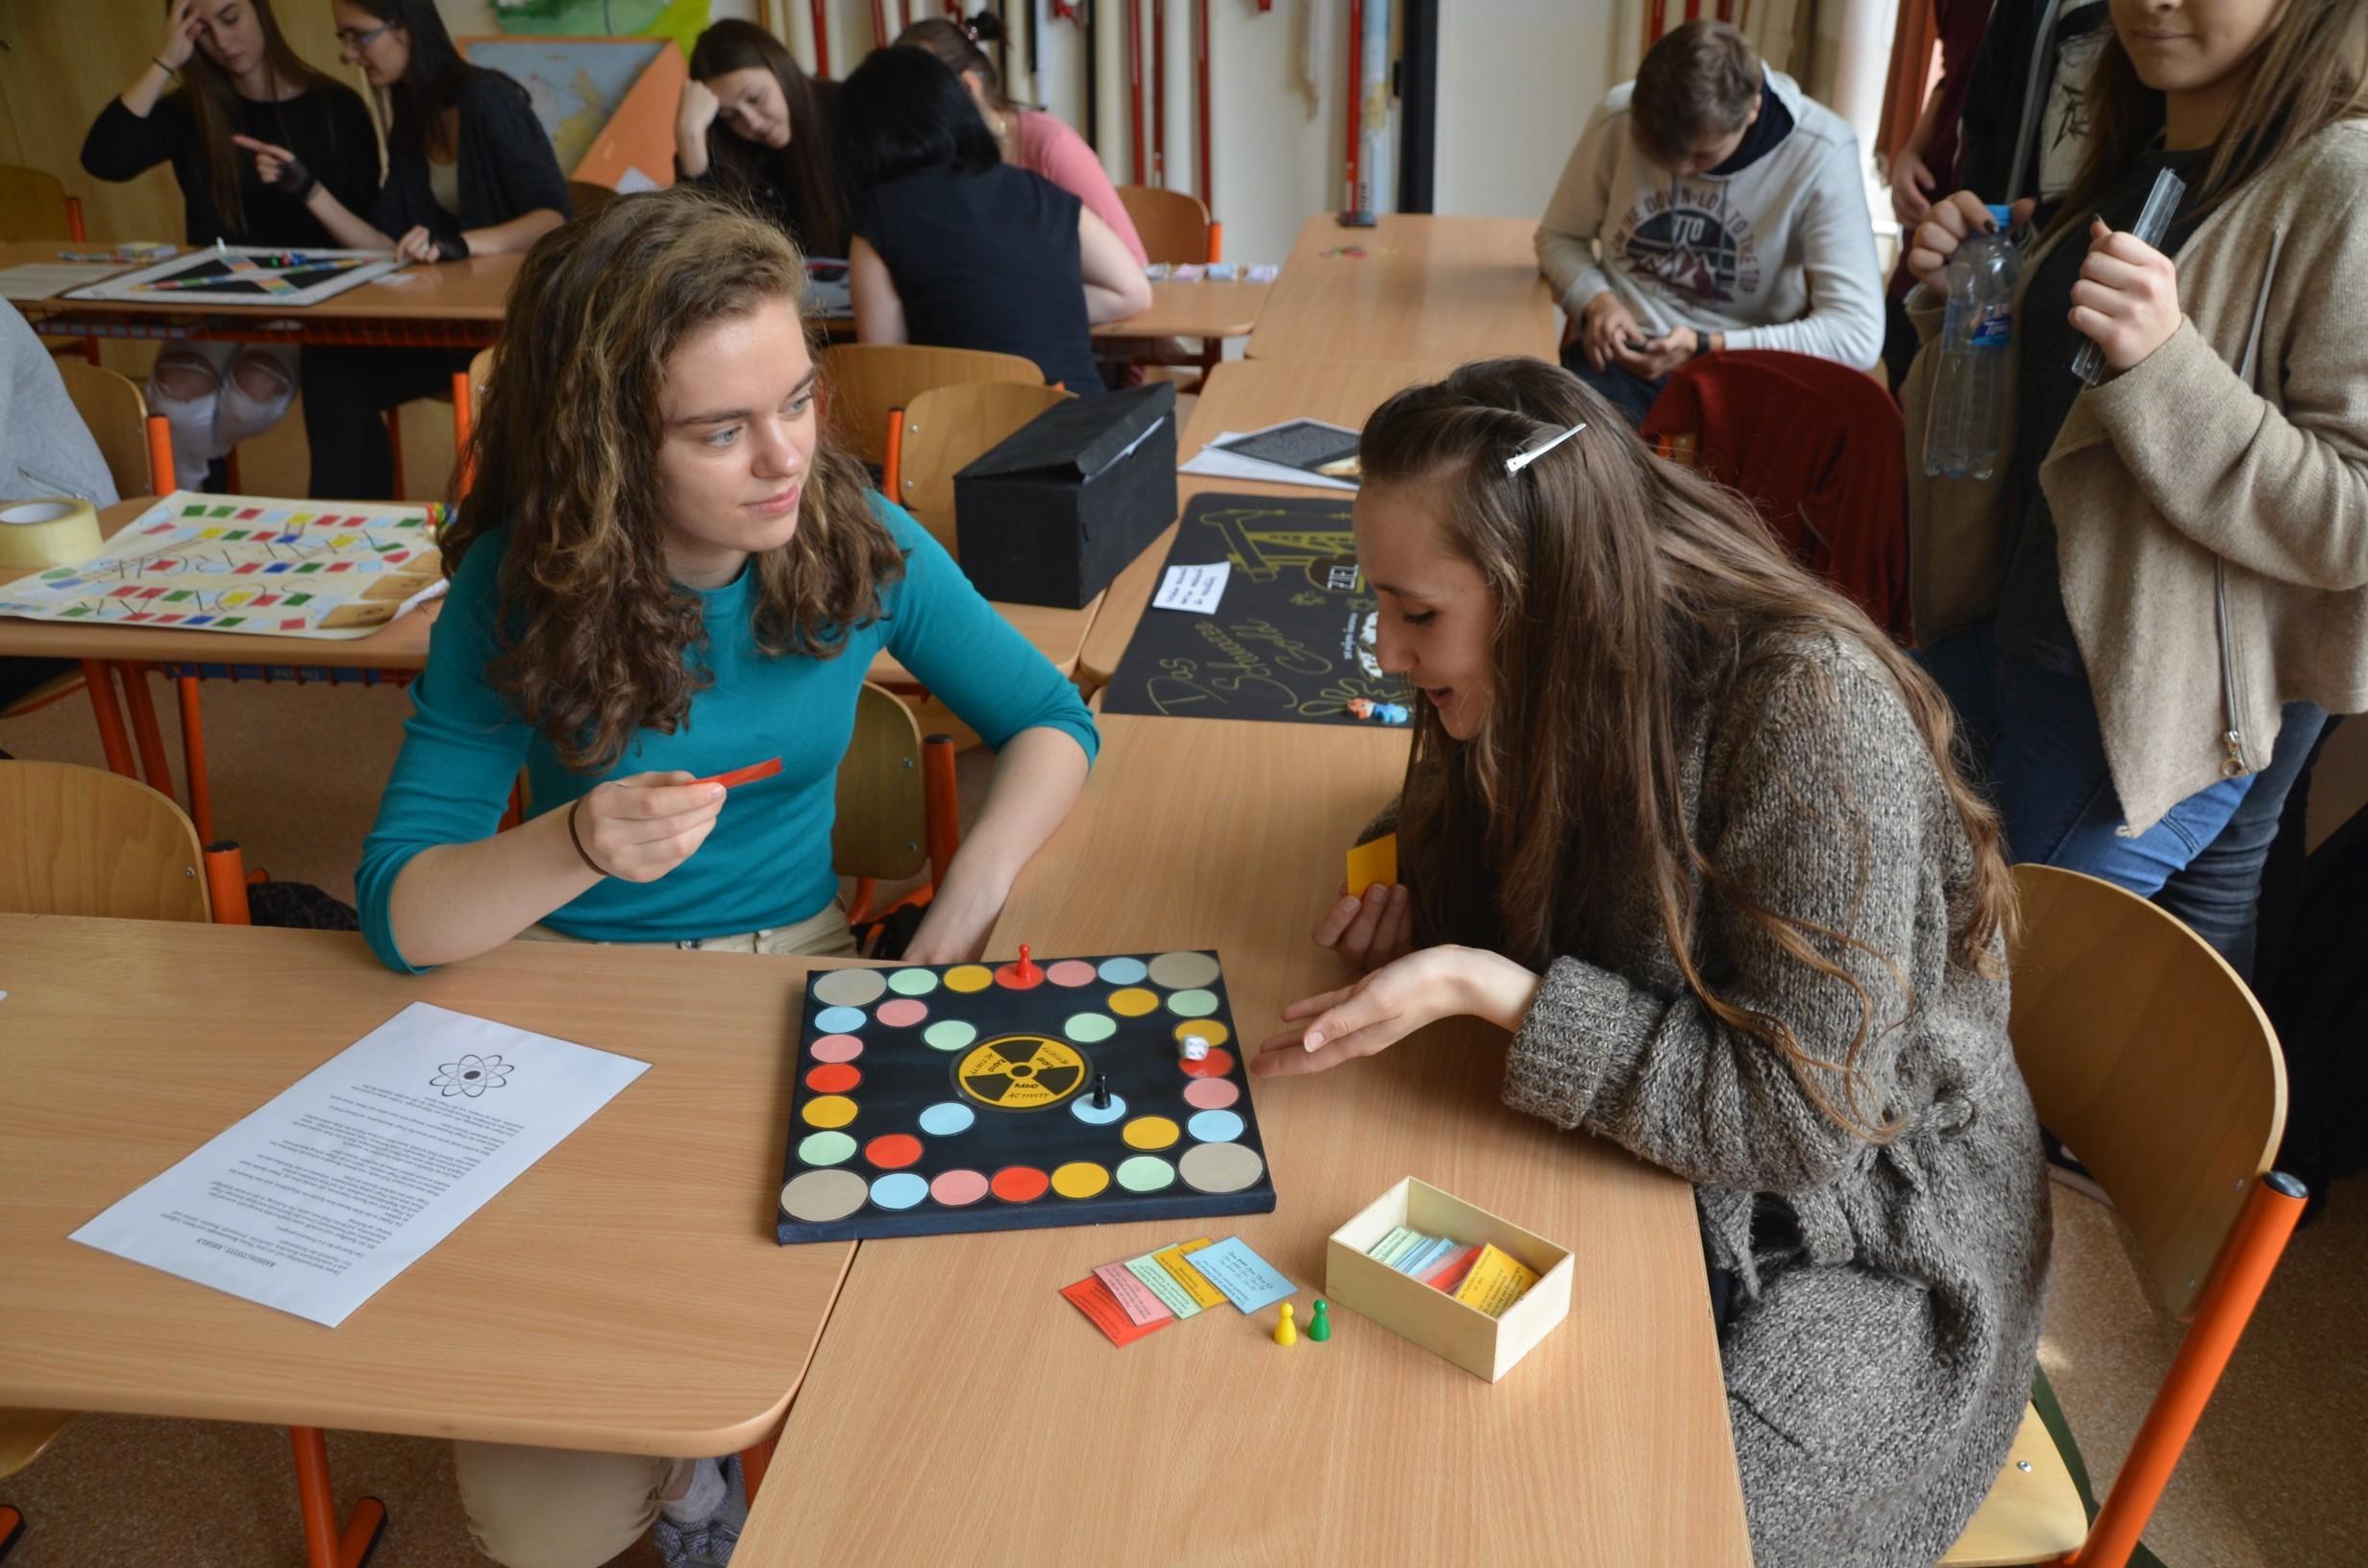 Maturanti z popradského biligvního gymnázia skládají maturitu německou, jsou proto jediní, kteří ji na Slovensku musejí absolvovat povinně.